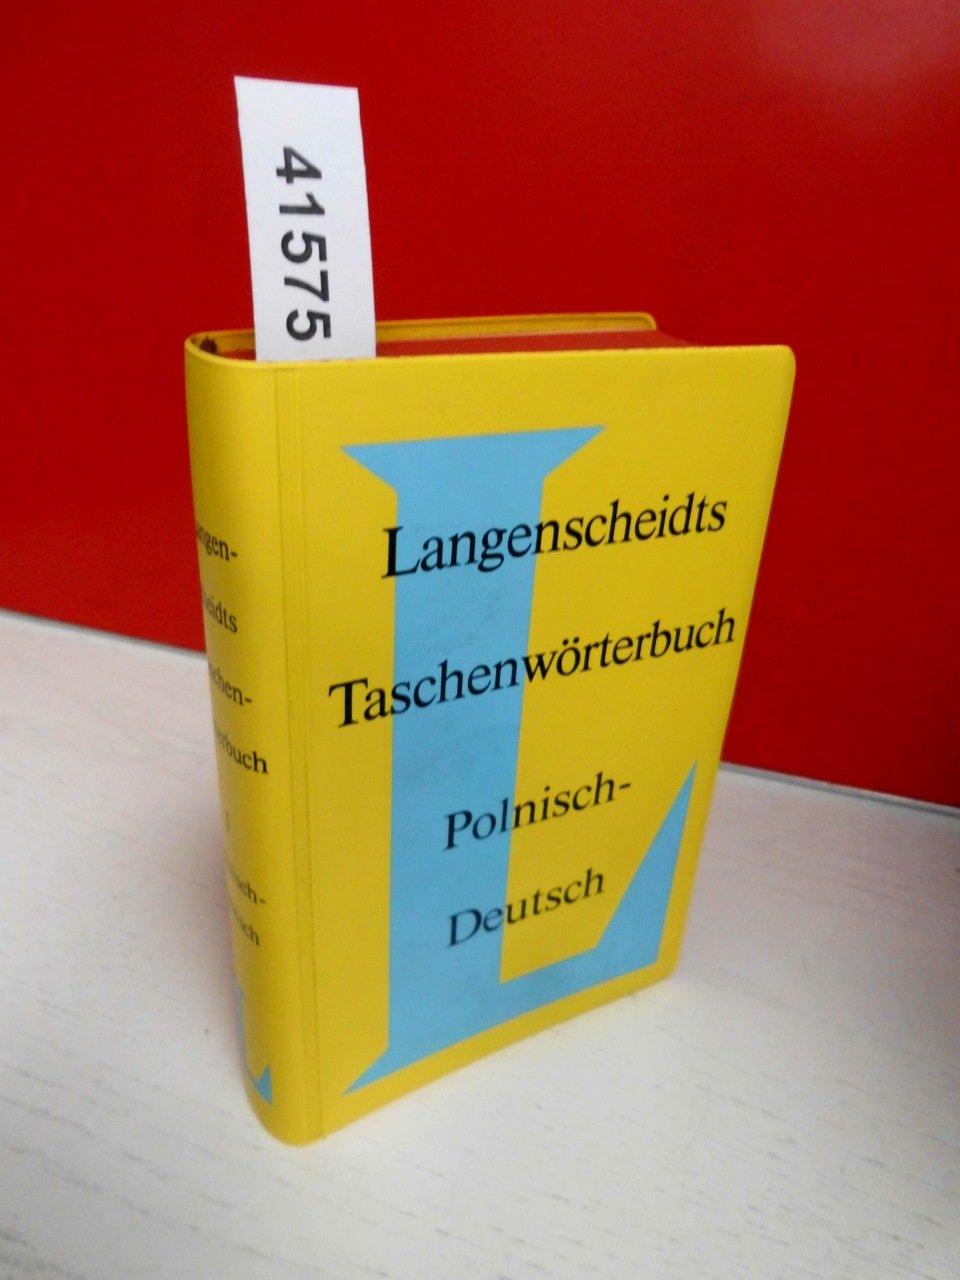 Polnisch - Deutsch. Taschenwörterbuch. Langenscheidt